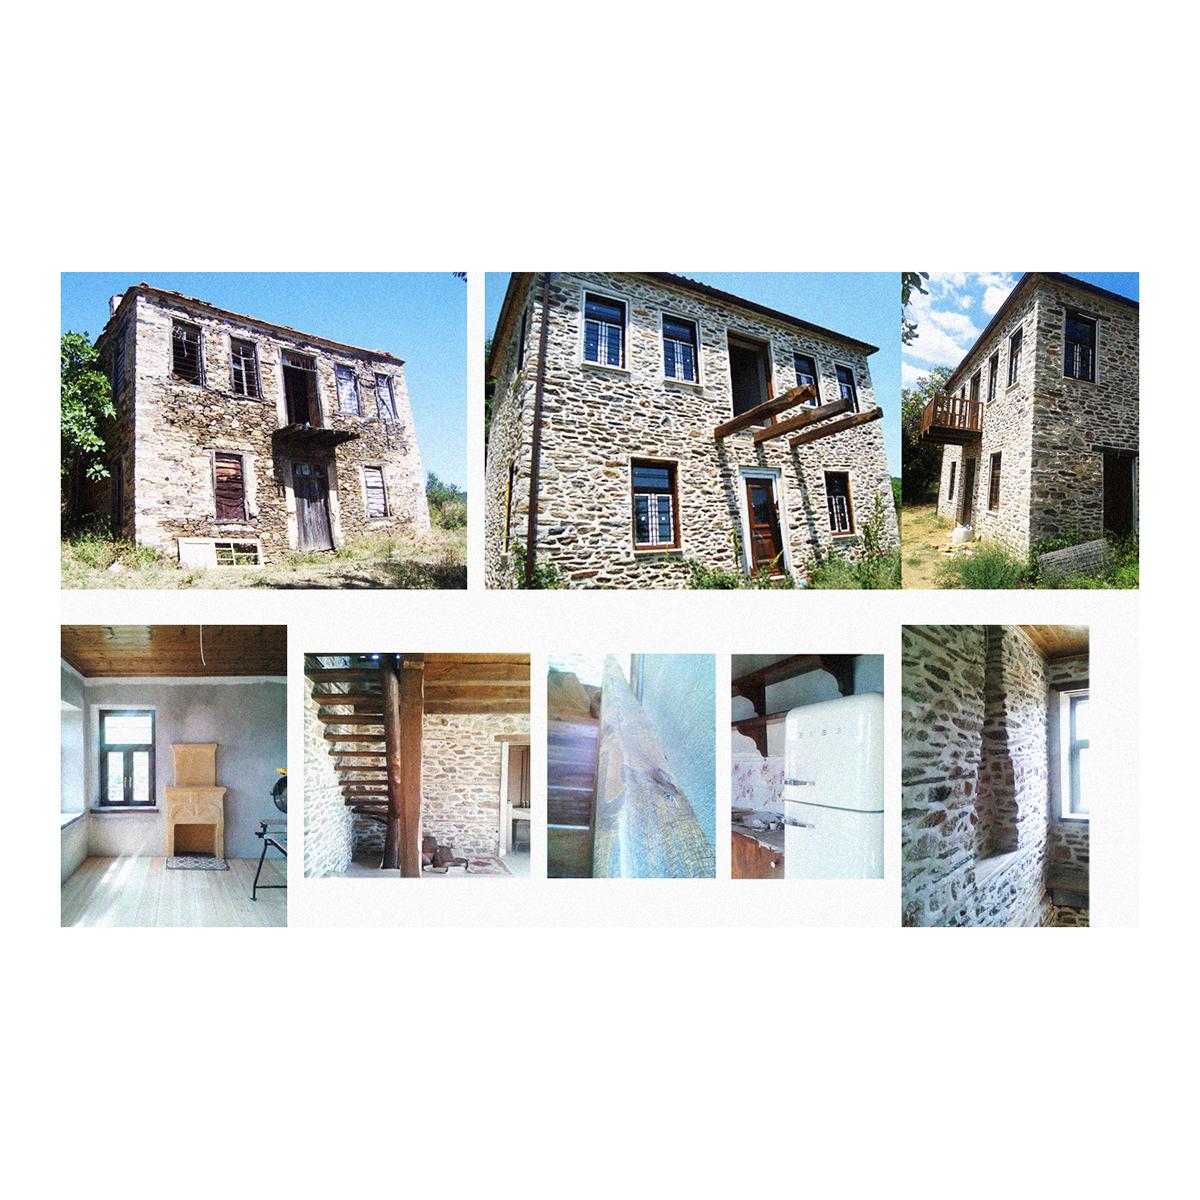 Architectural Design 02